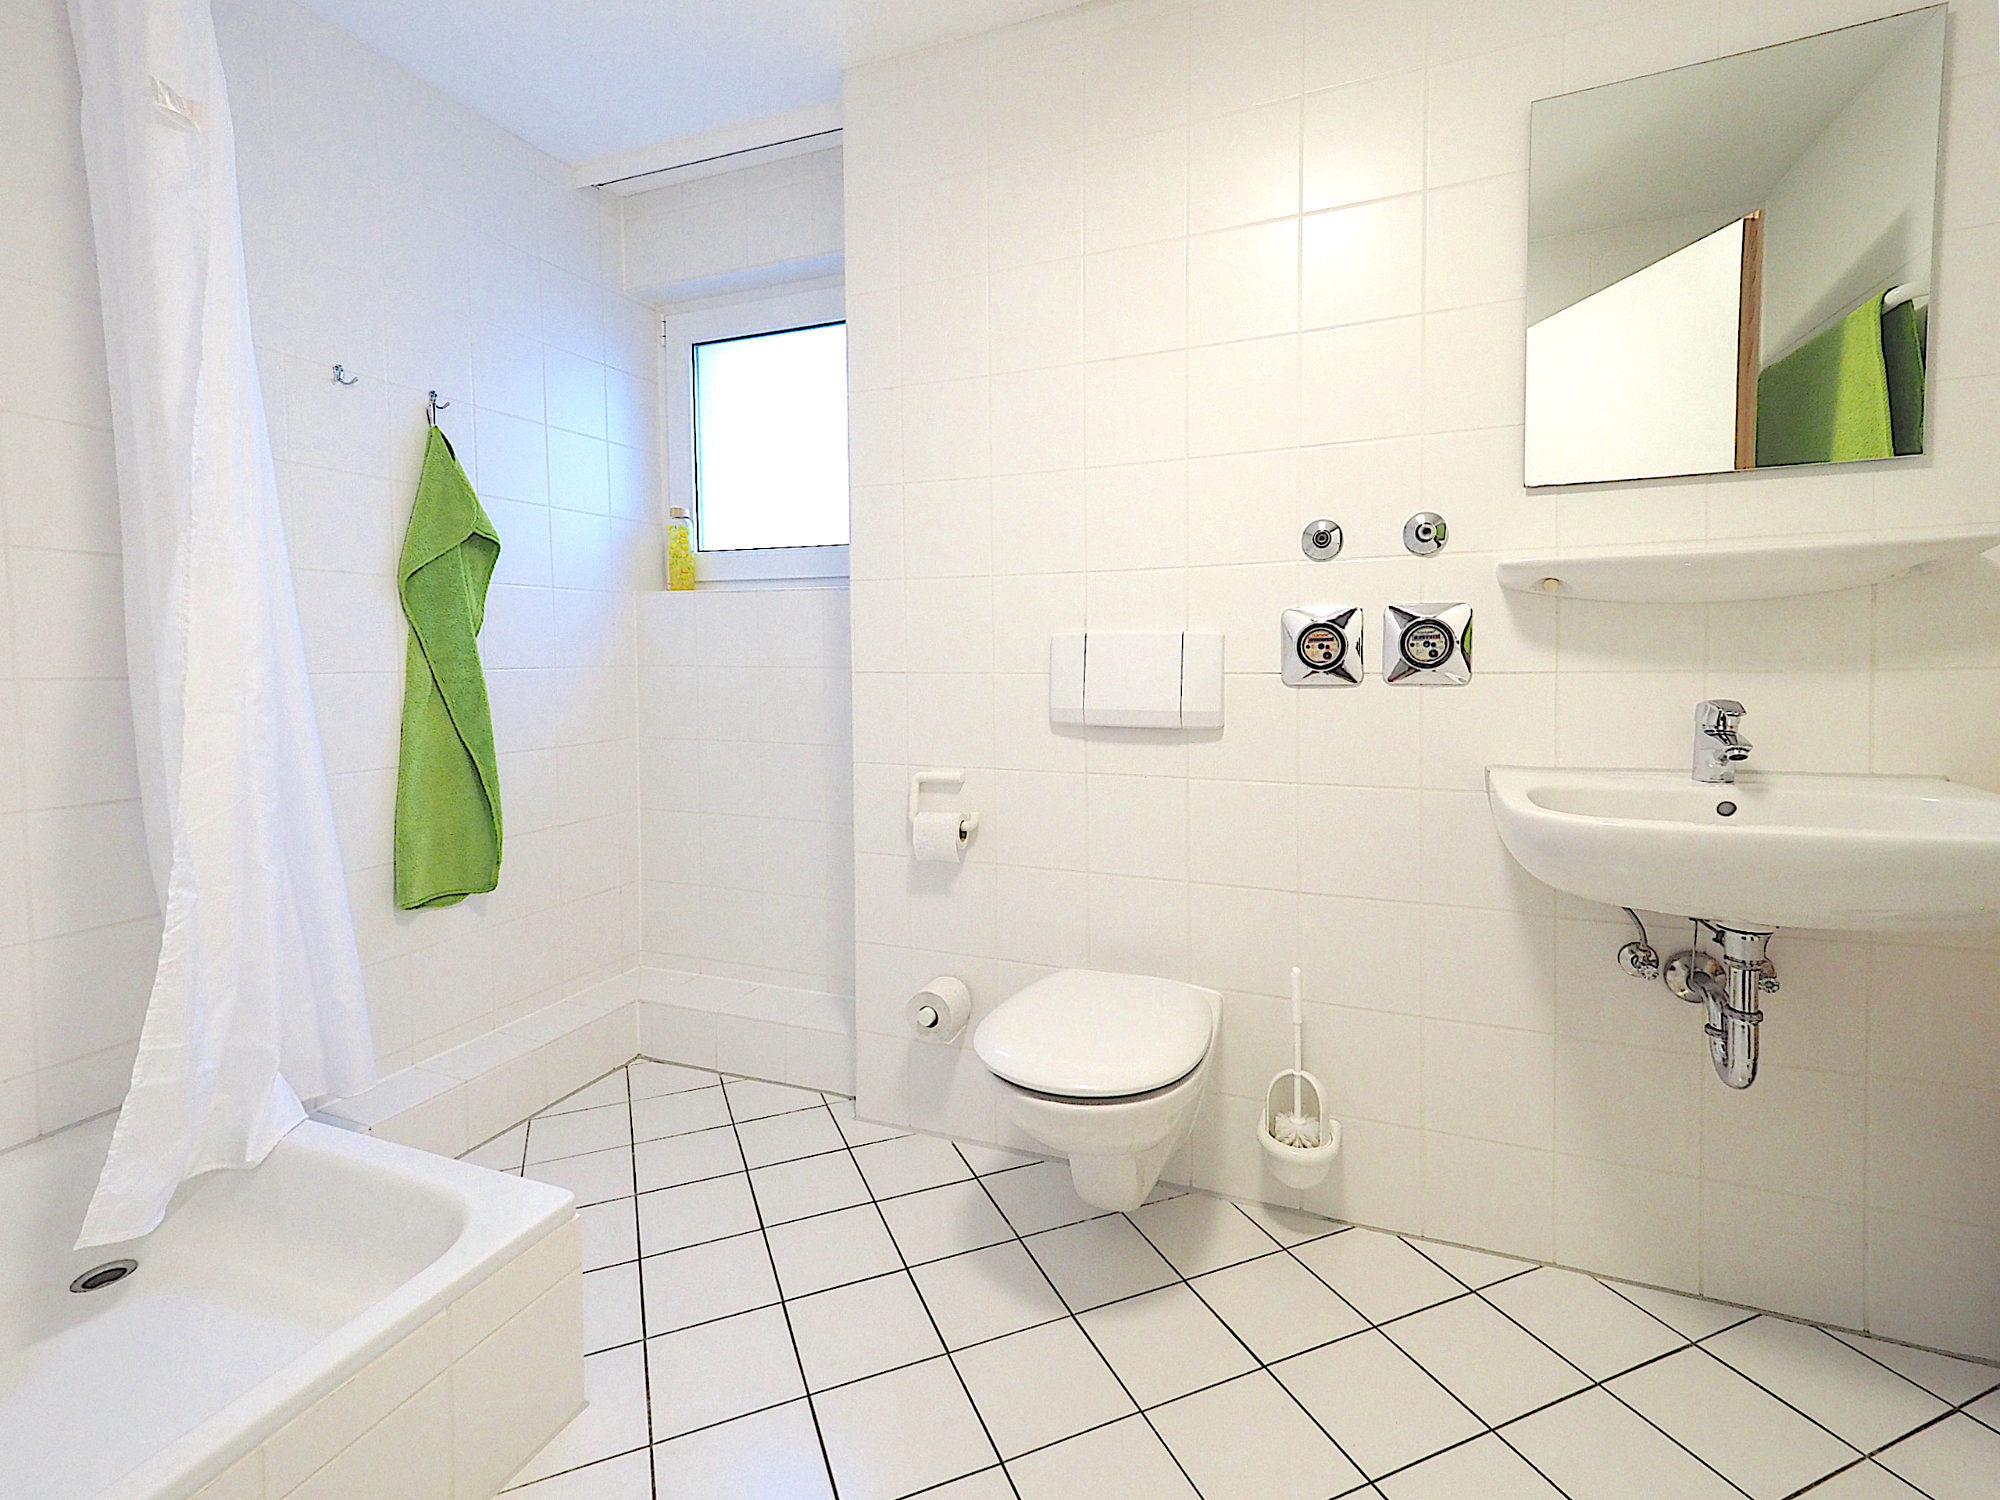 Duschbad mit Dusche, Fenster, WC und Waschbecken